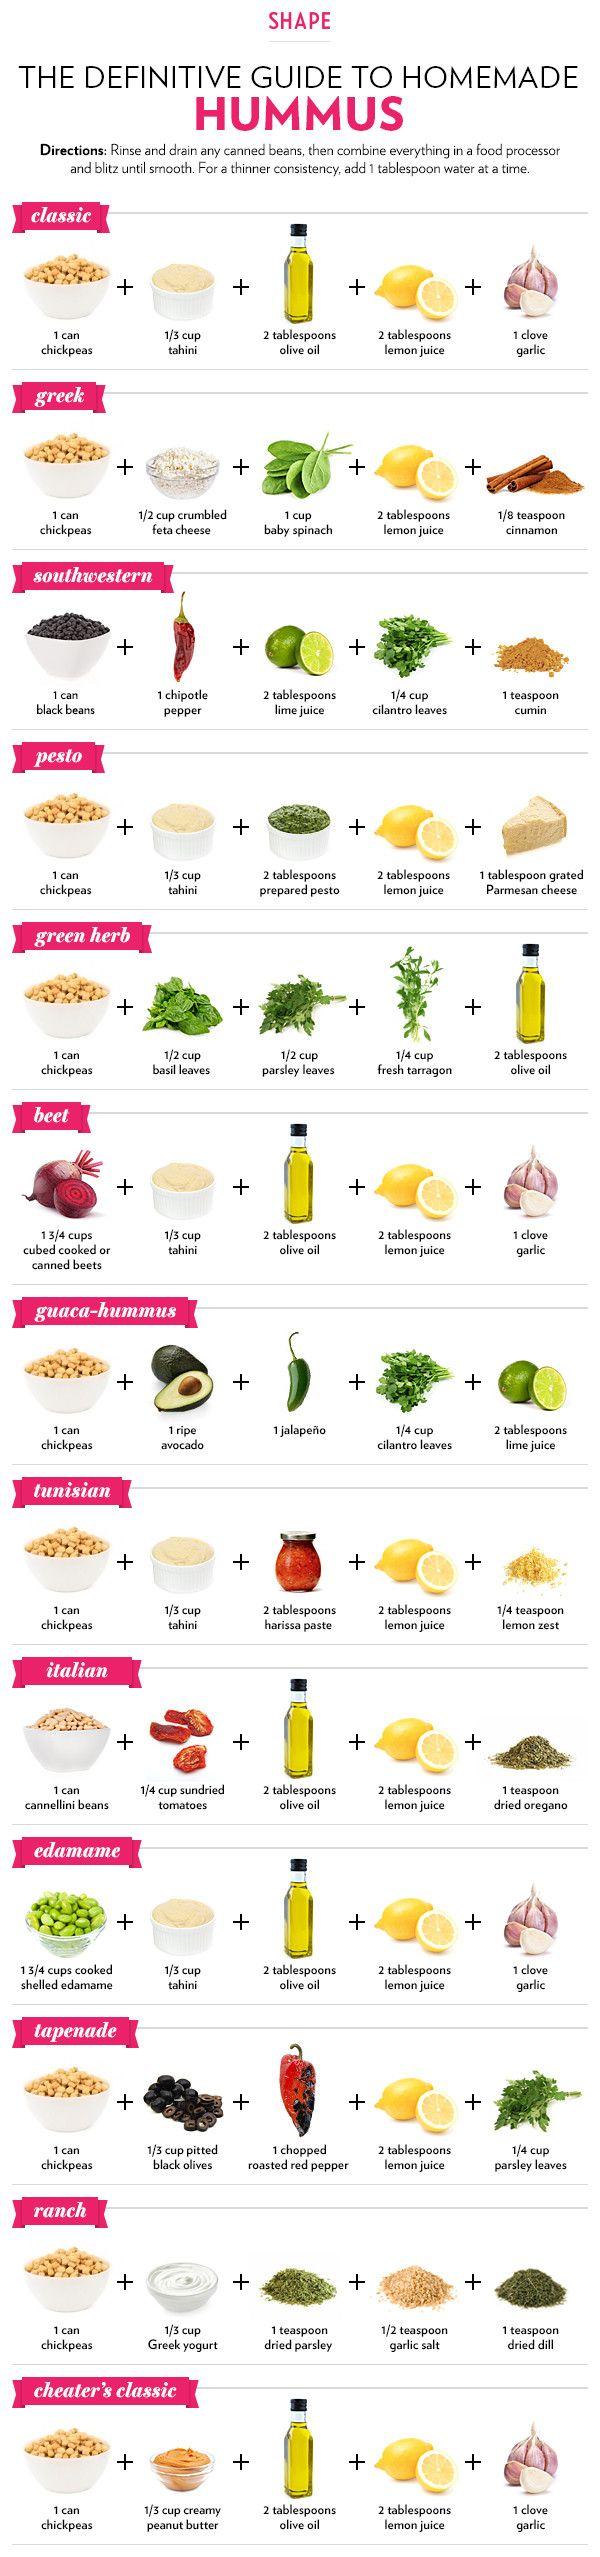 homemade hummus.jpg